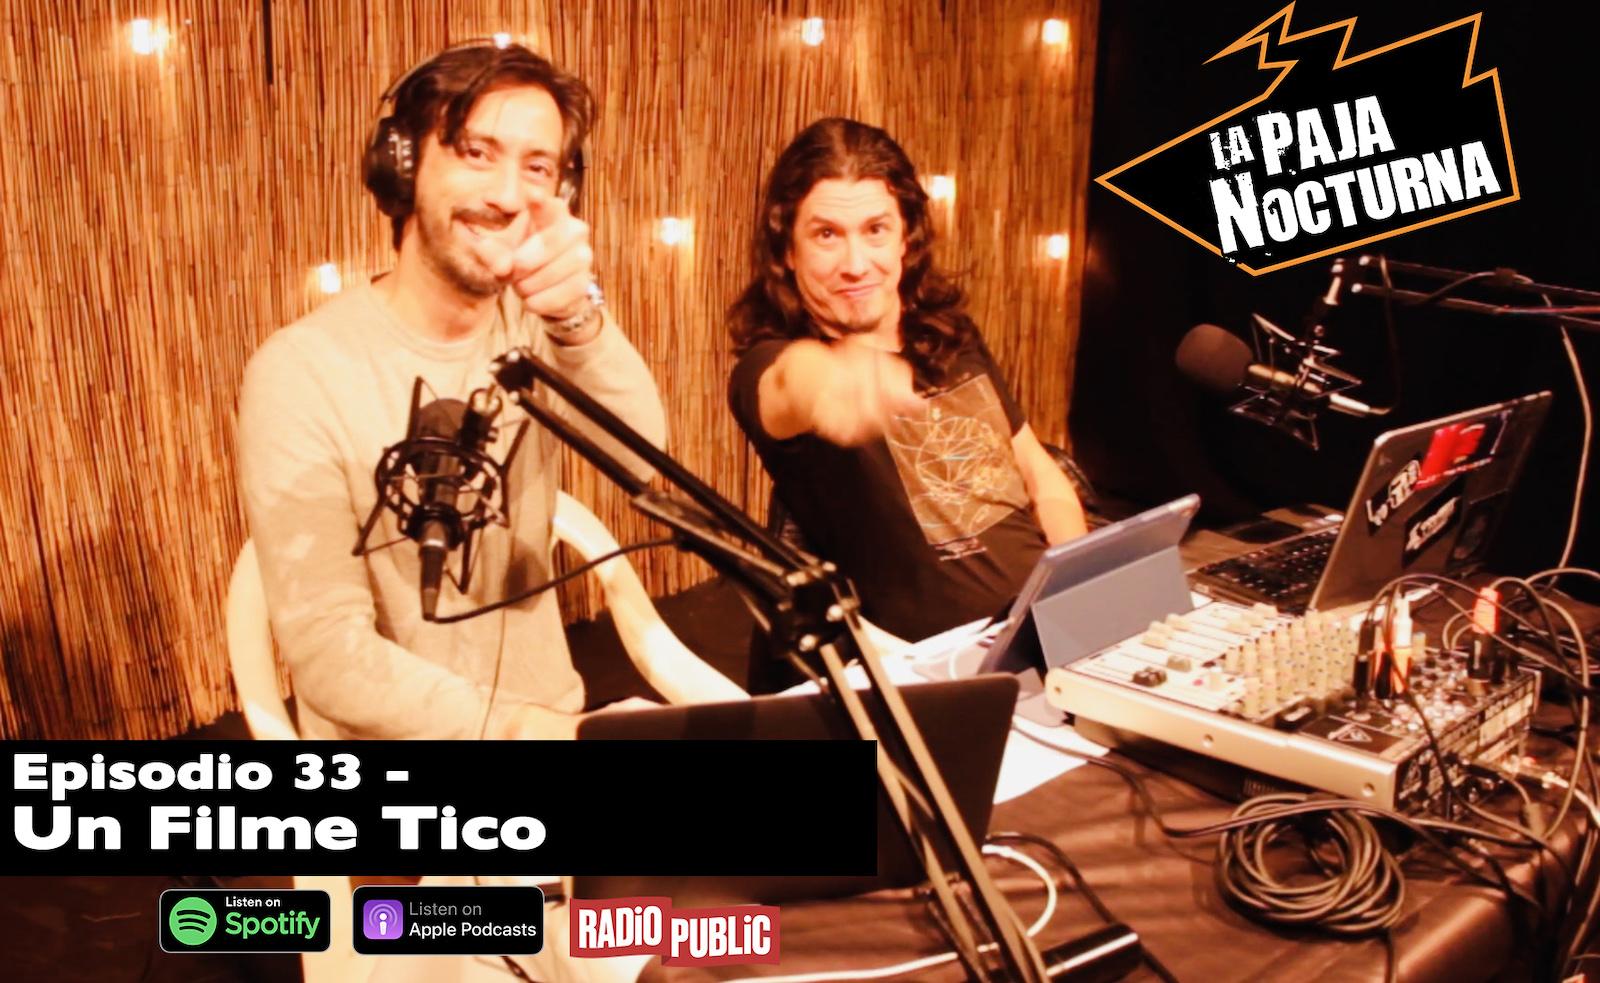 La Paja Nocturna Podcast Episodio 33